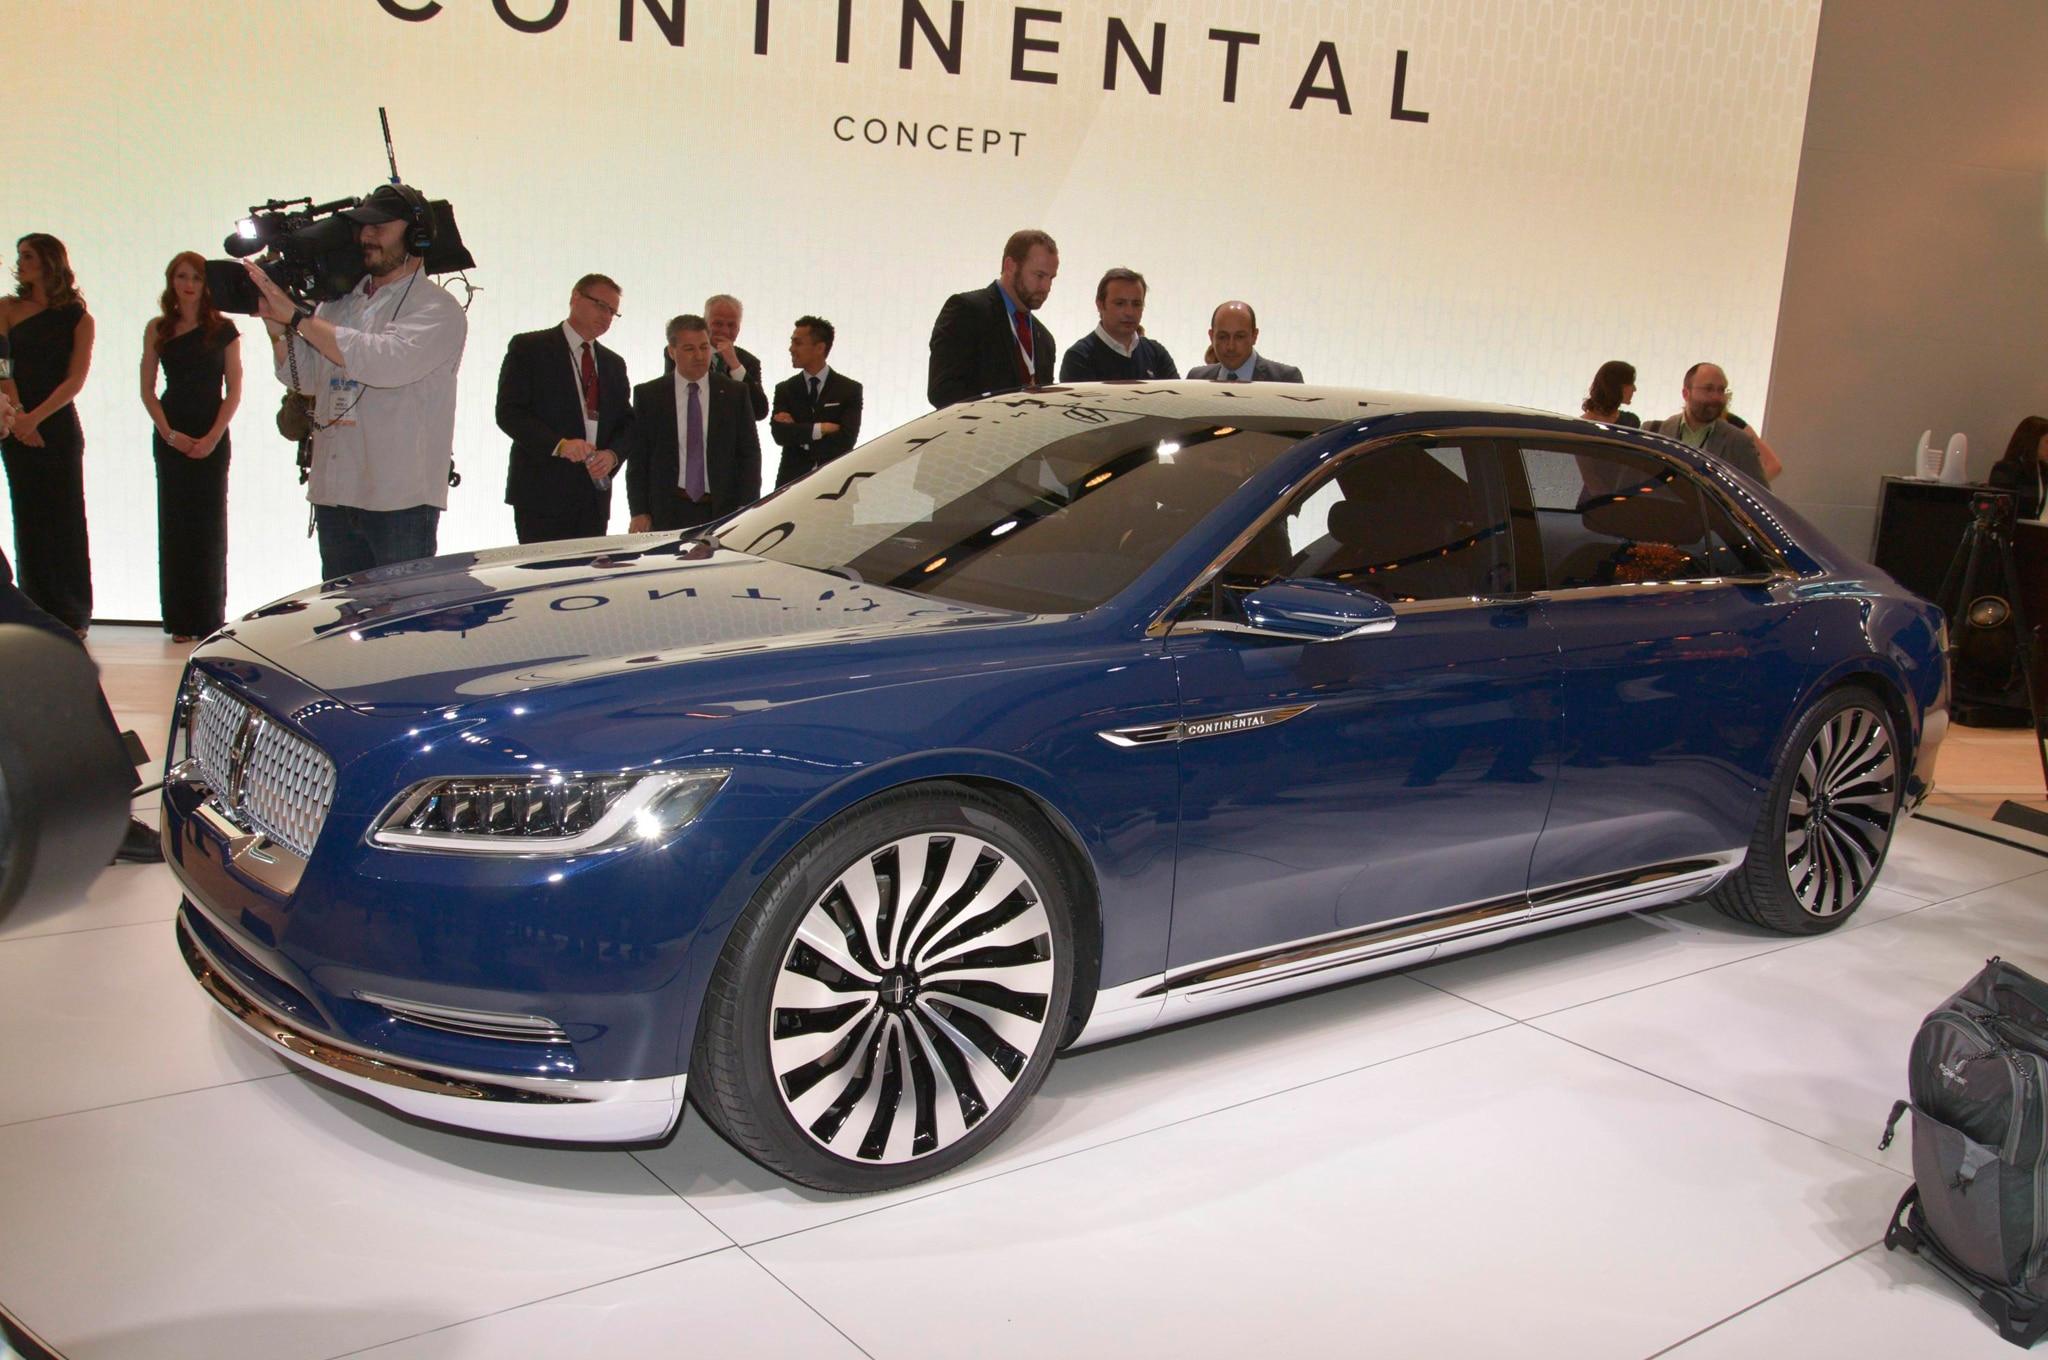 Lincoln Continental Concept Promo